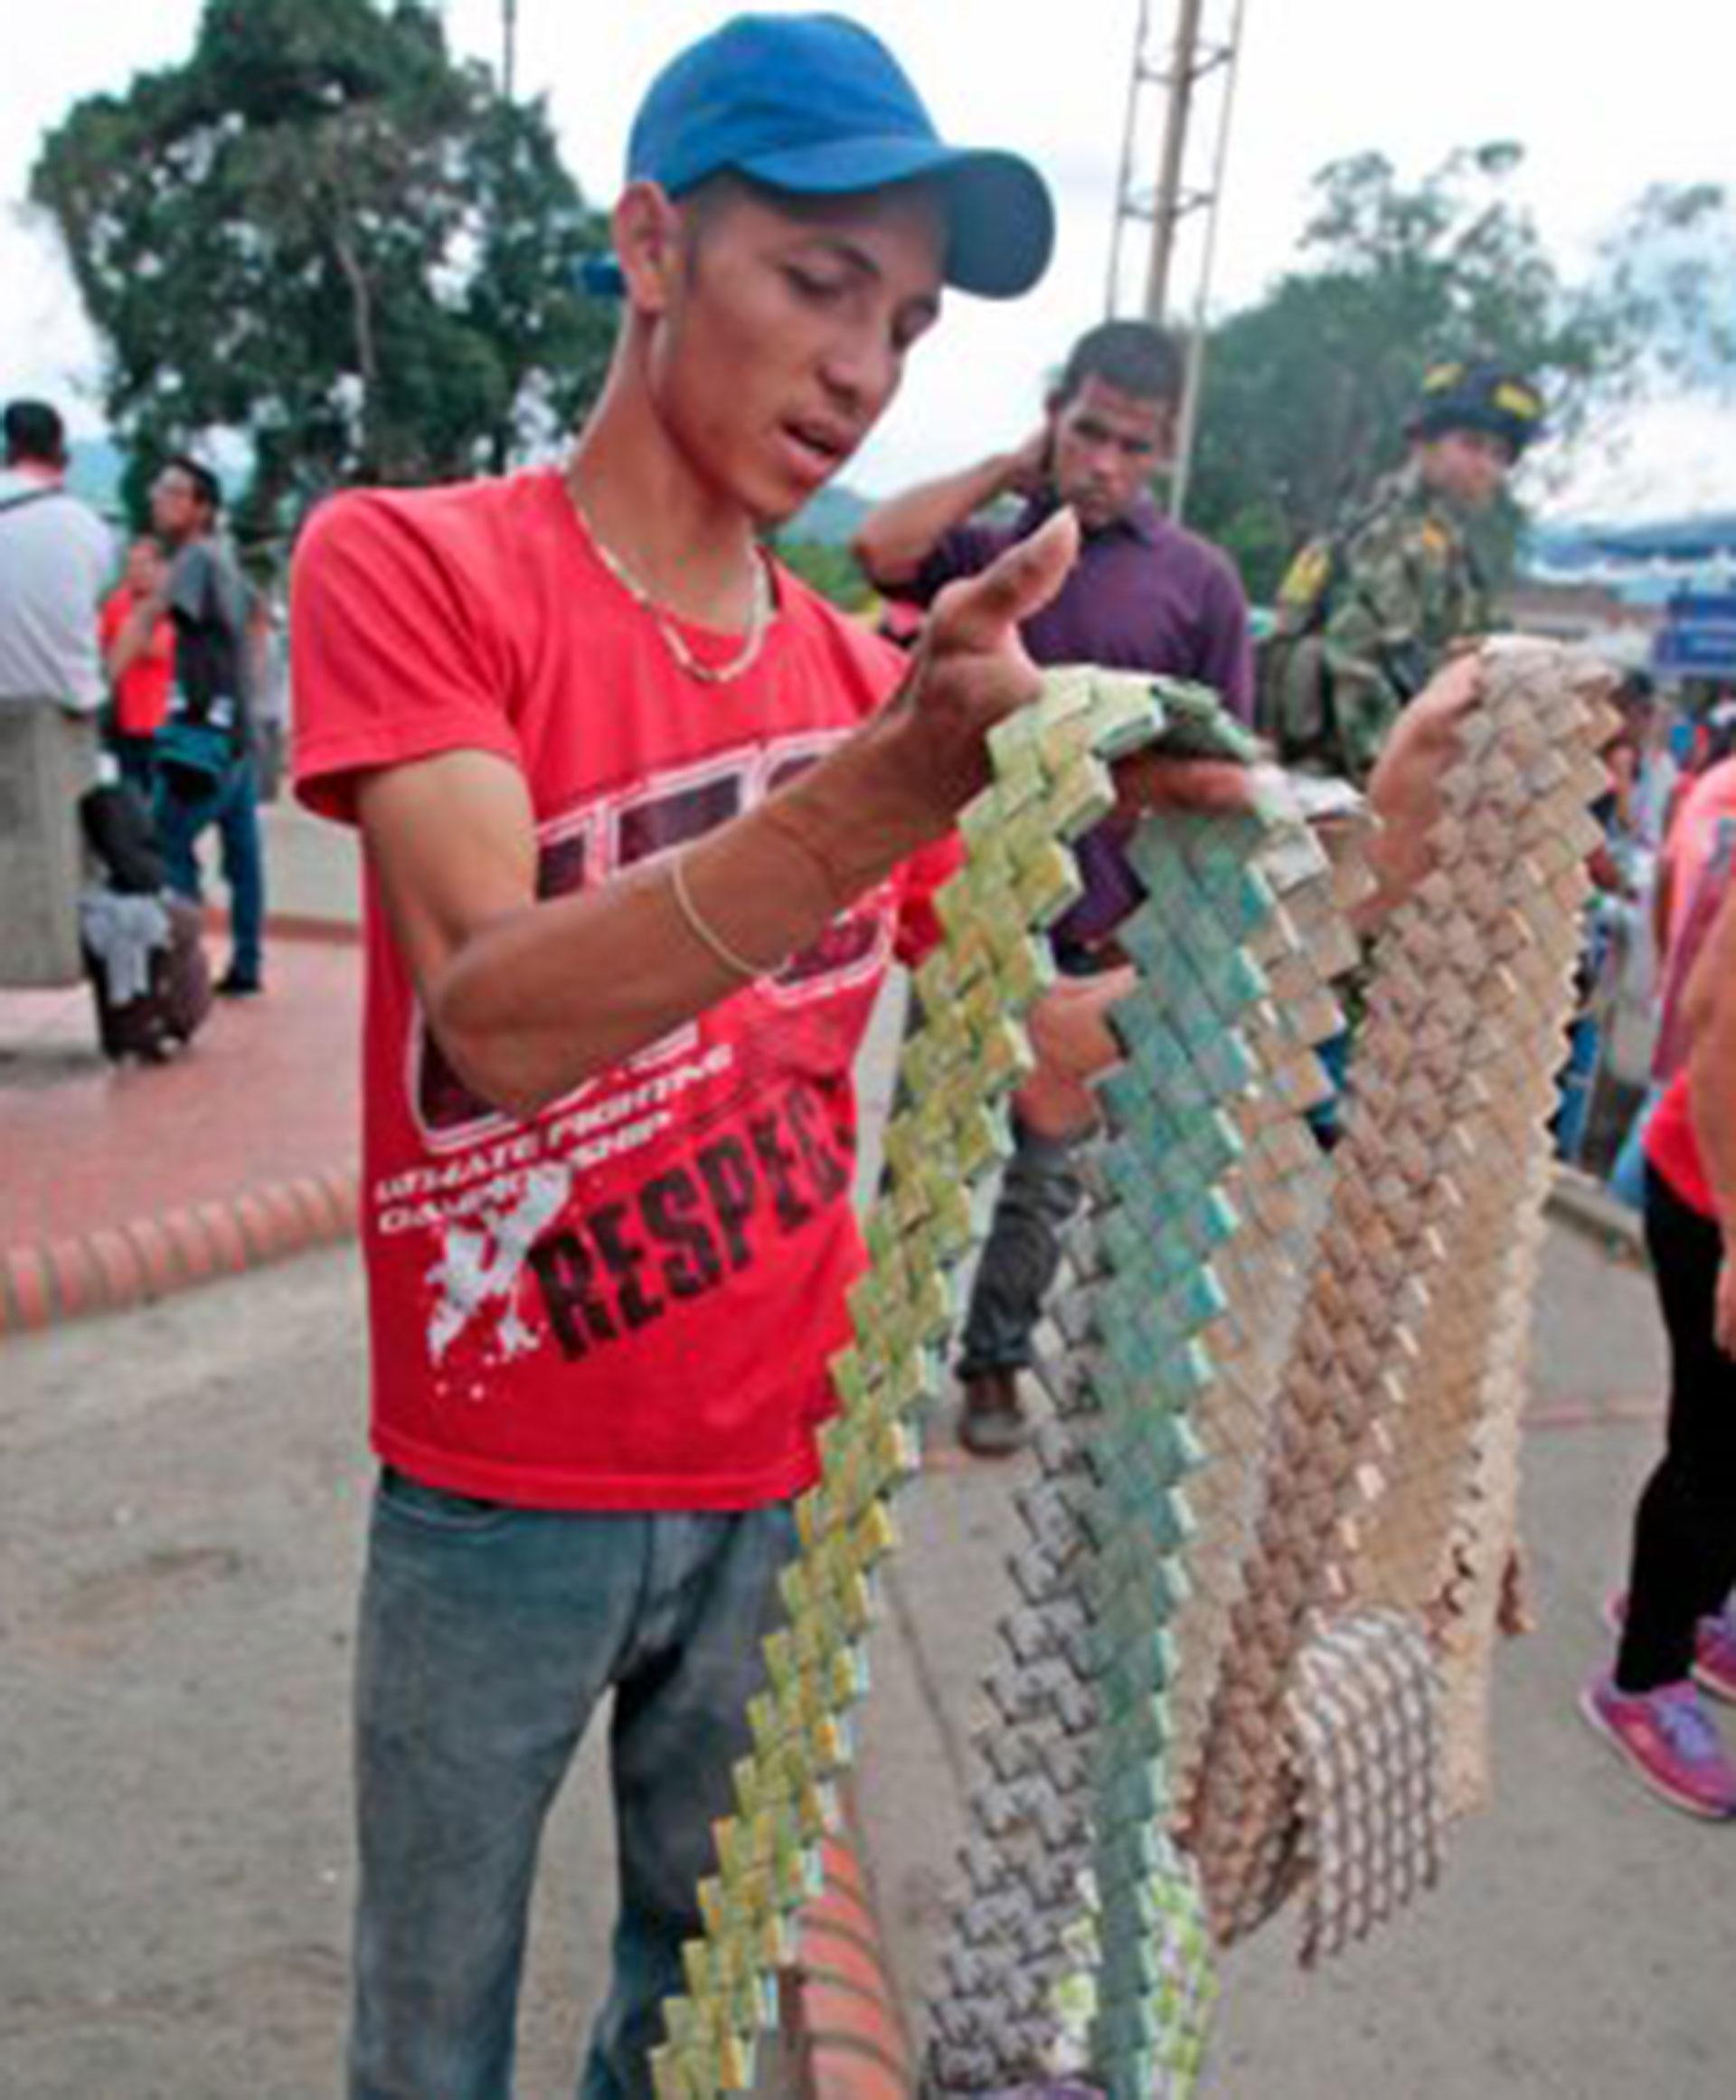 Un vendedor de artesanías hechas con bolívares en la frontera entre Colombia y Venezuela (La Opinión)